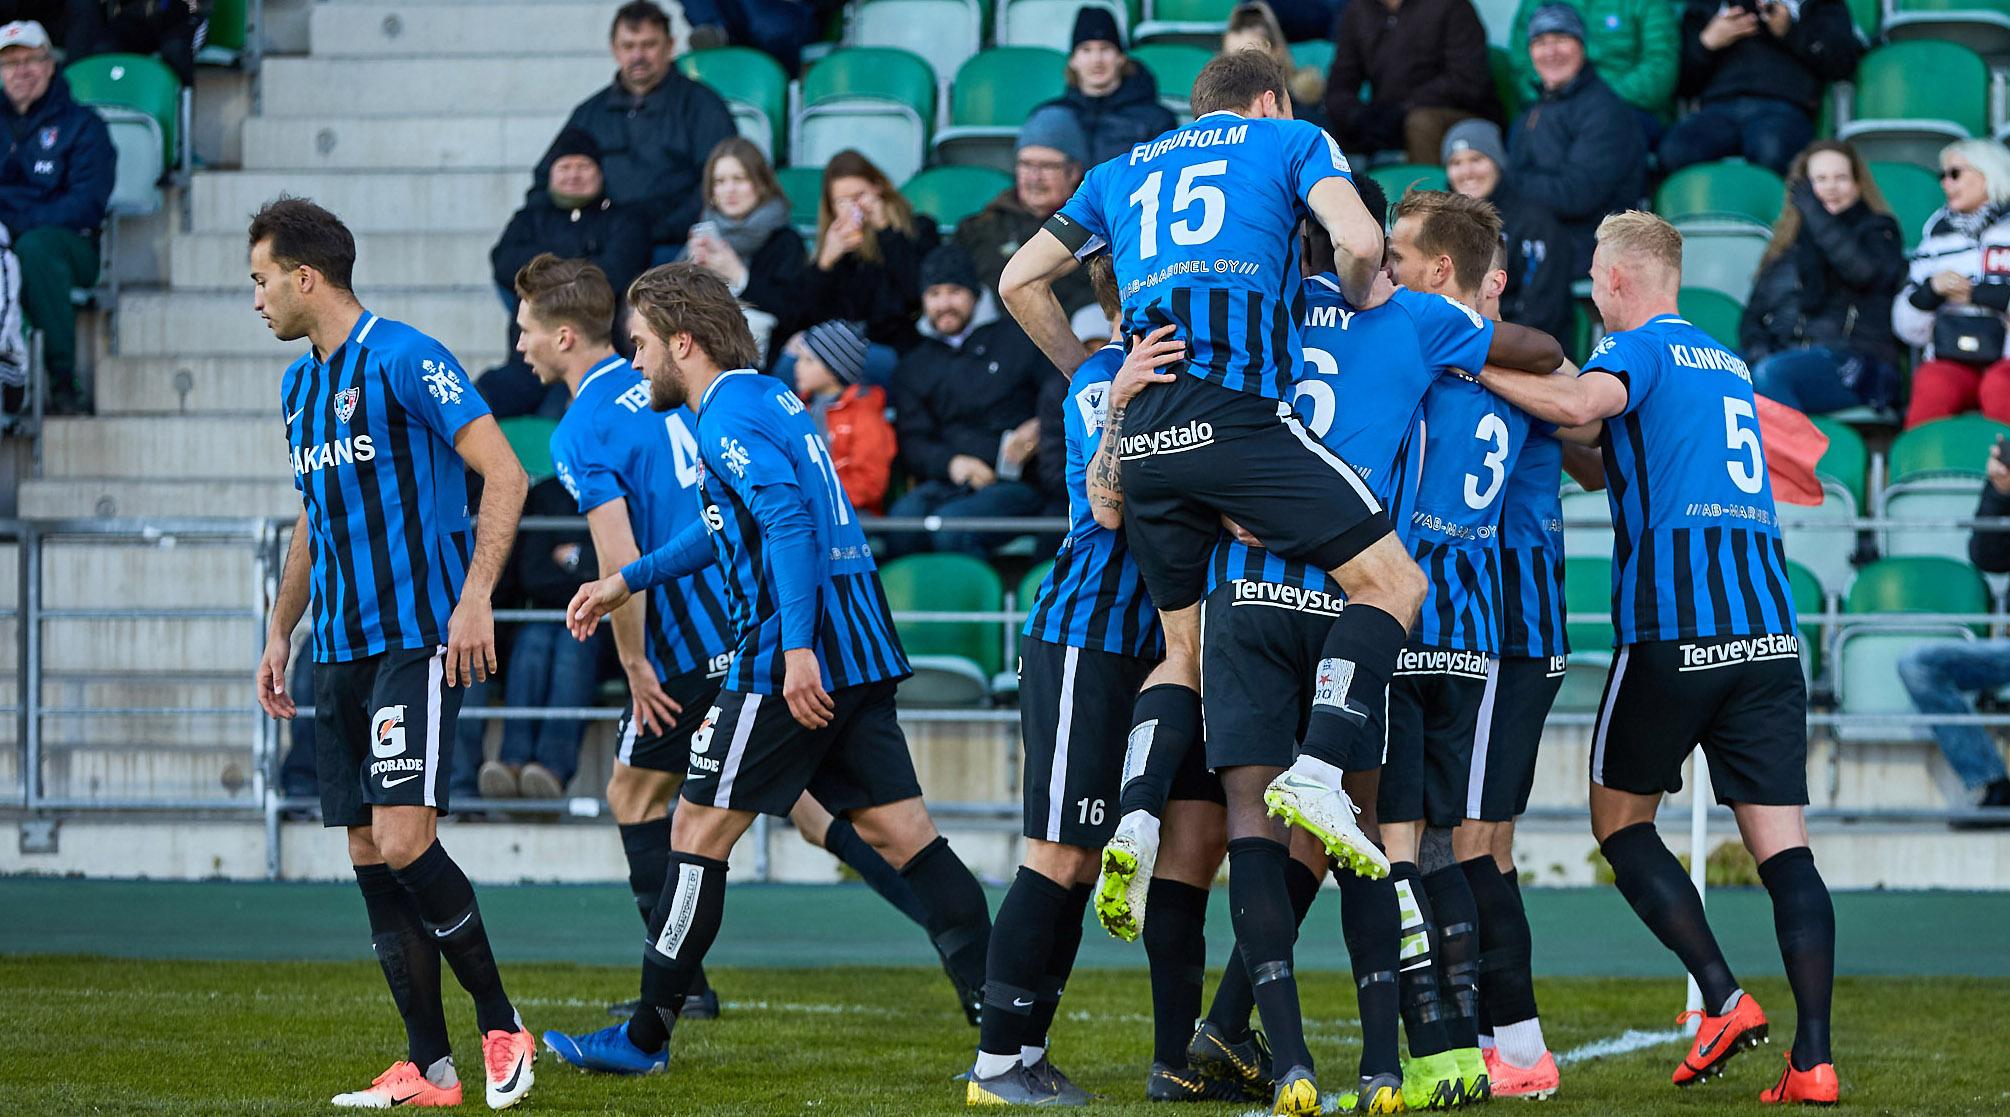 Nhan-dinh-FC-Inter-Turku-vs-HIFK-Helsinki